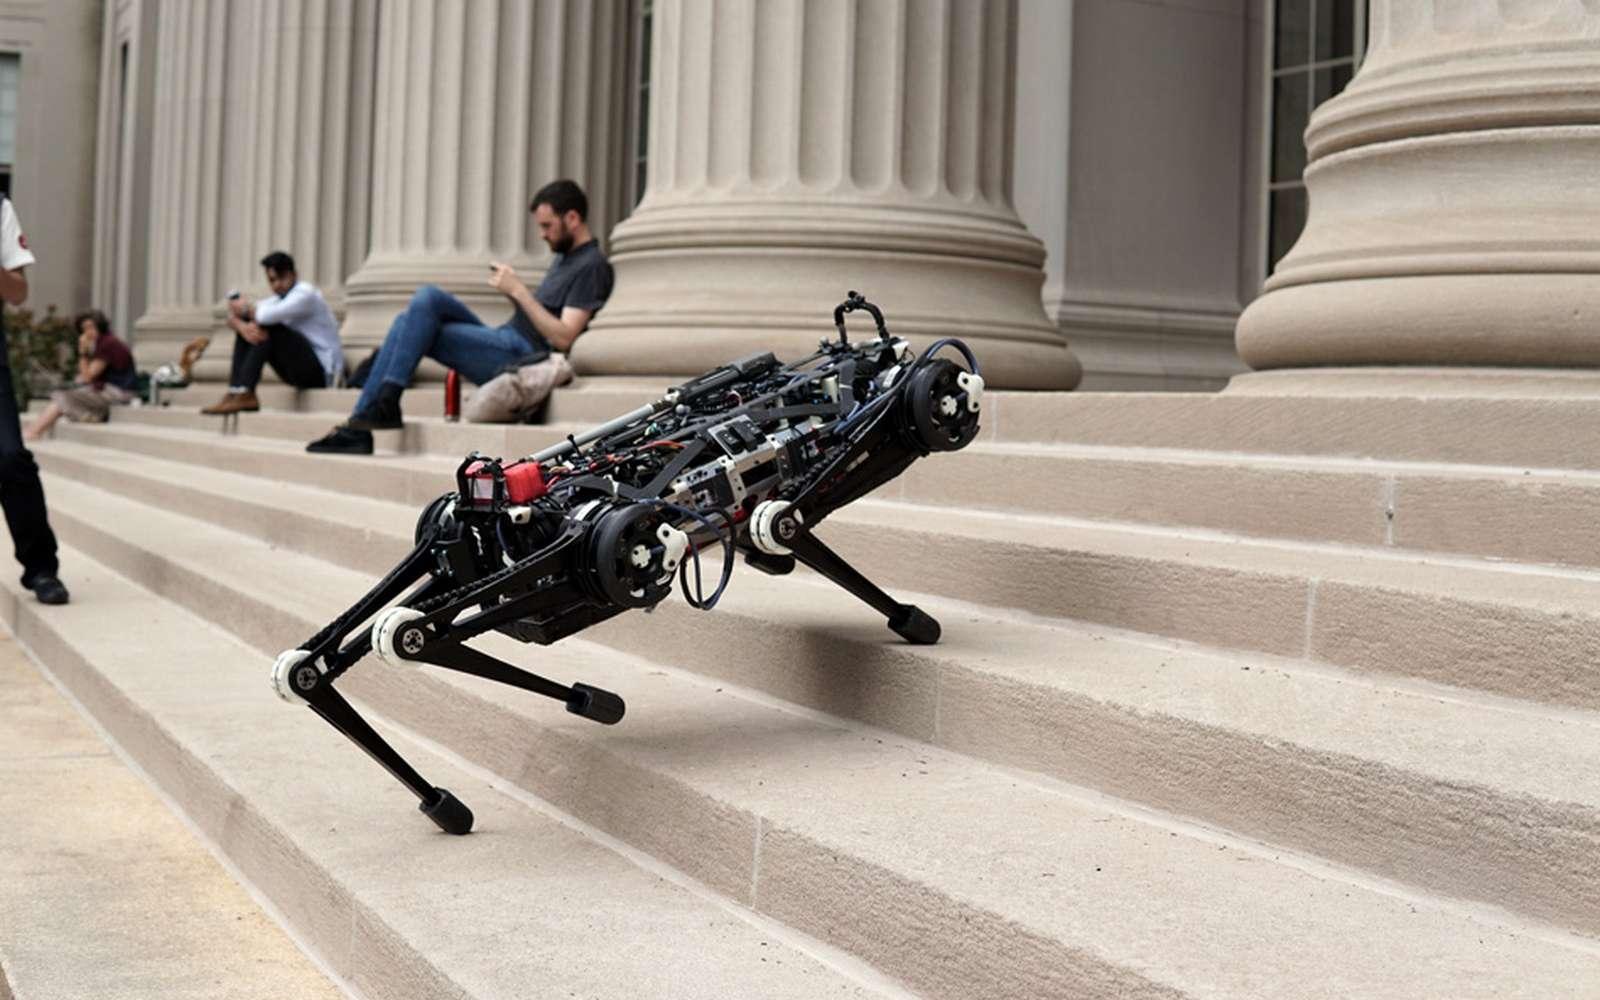 Le robot Cheetah 3 du MIT est beaucoup plus agile que son prédécesseur. © MIT